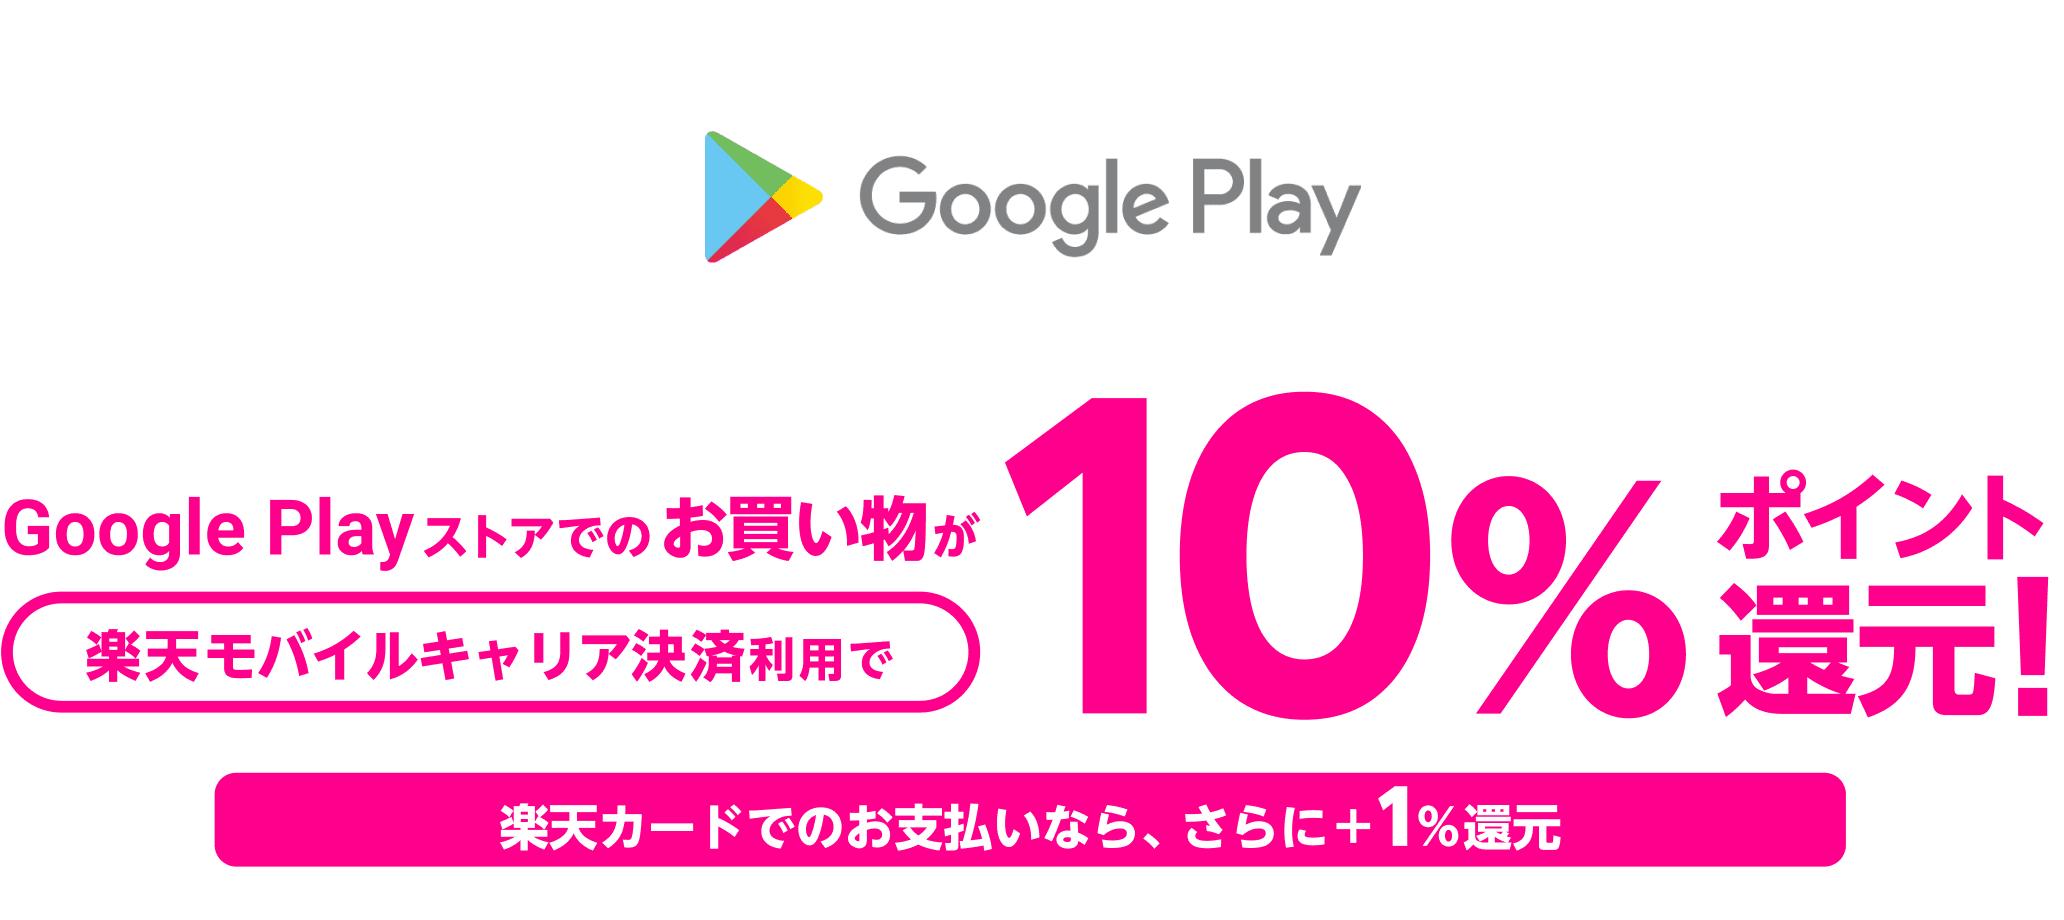 楽天モバイルキャリア決済でGooglePlayストアでの買い物が10%還元。8/24~。